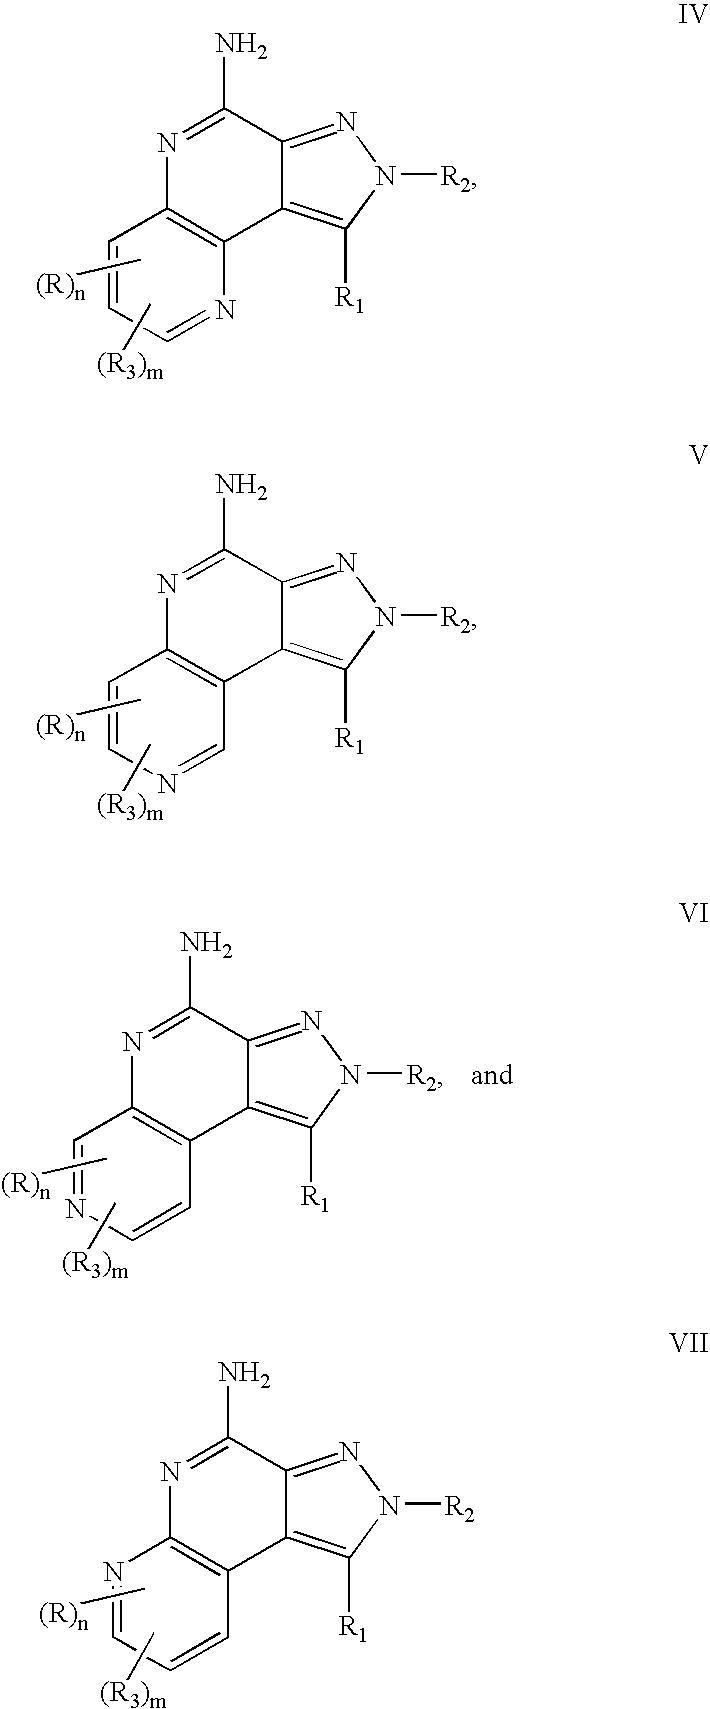 Figure US07544697-20090609-C00011